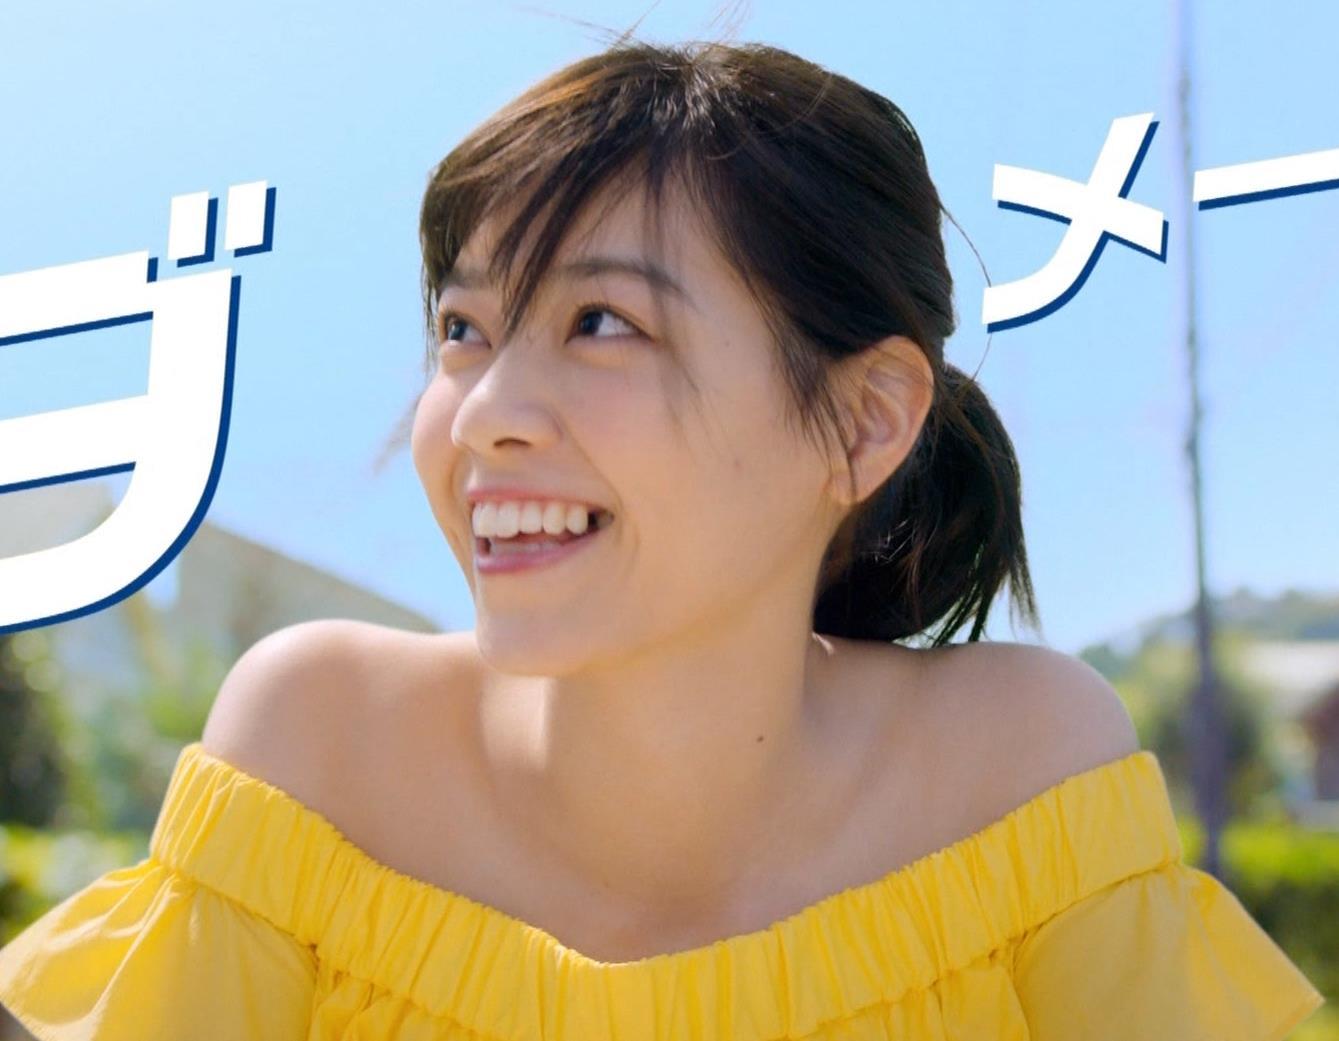 西野七瀬 エロかわいい日焼け止めのCMキャプ・エロ画像8